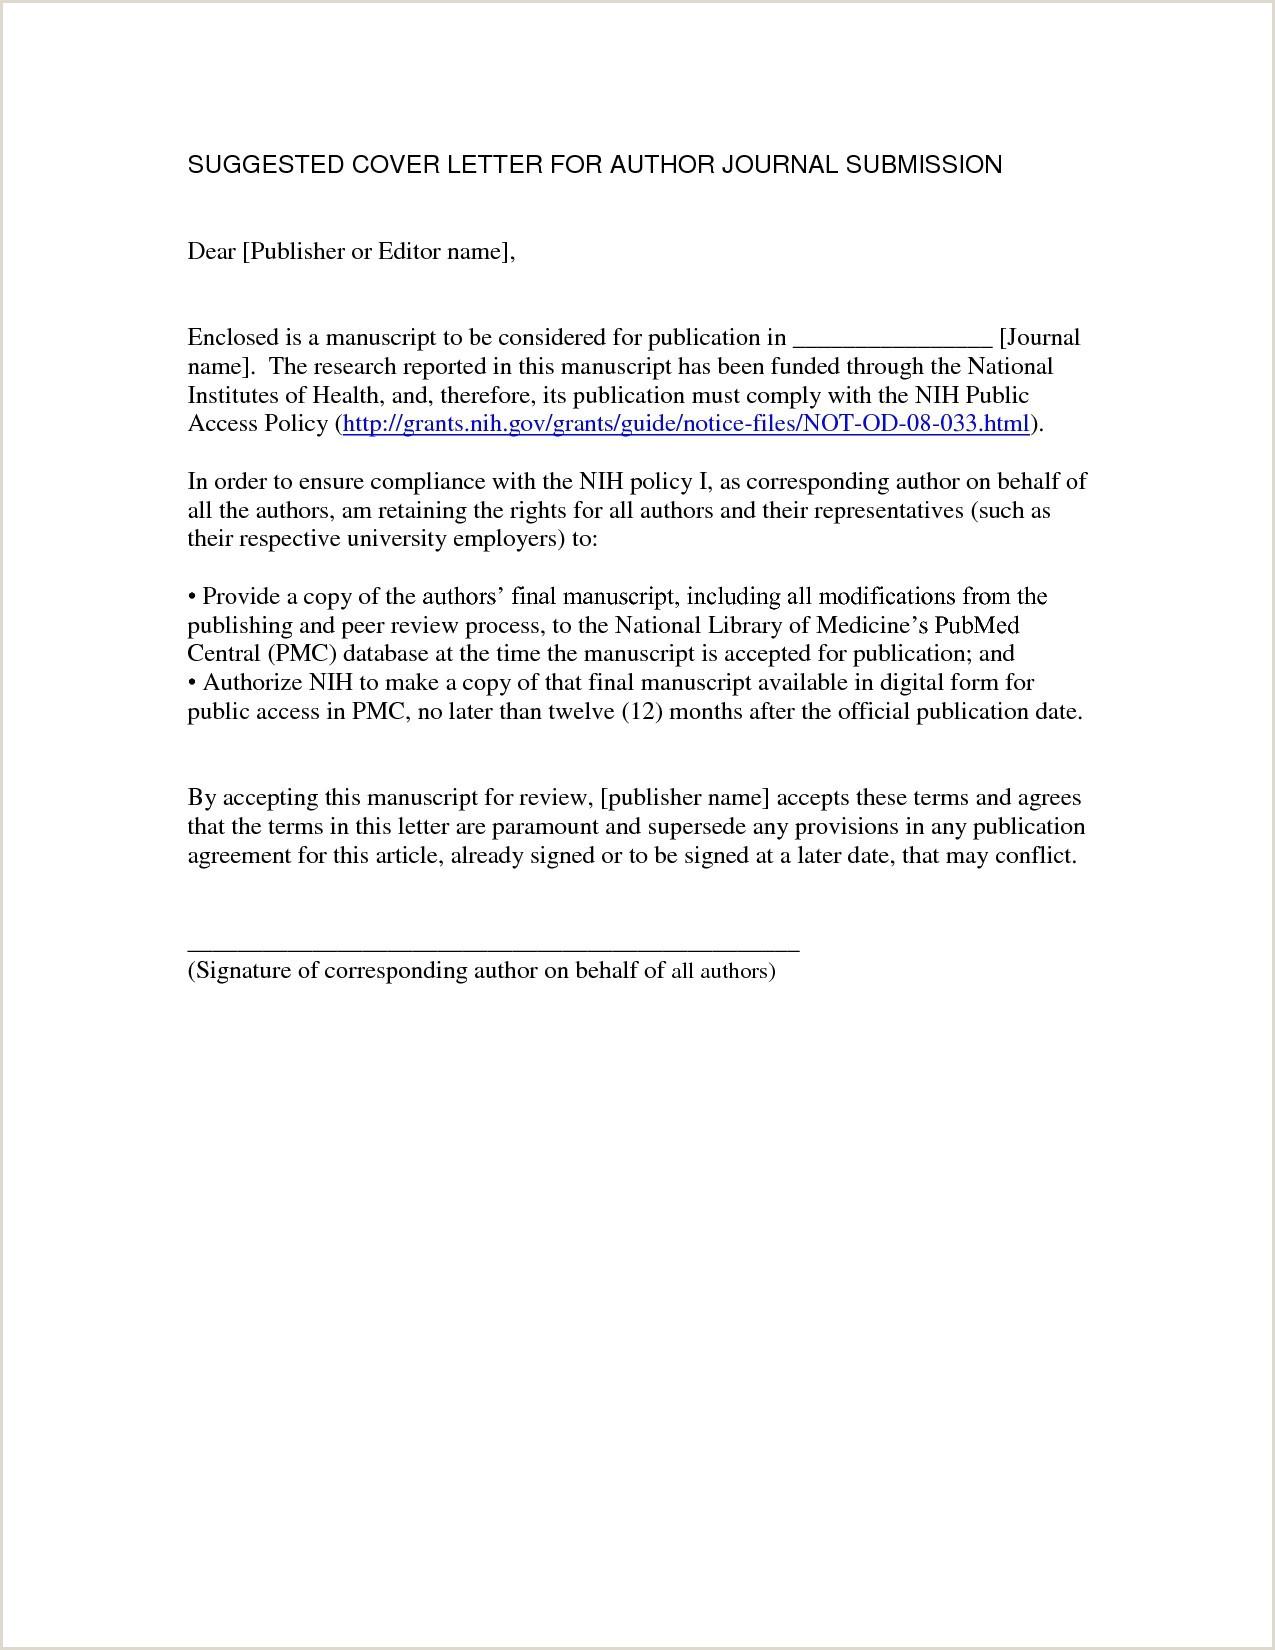 Cv Cover Letter format Pdf New Cover Letter for Journal